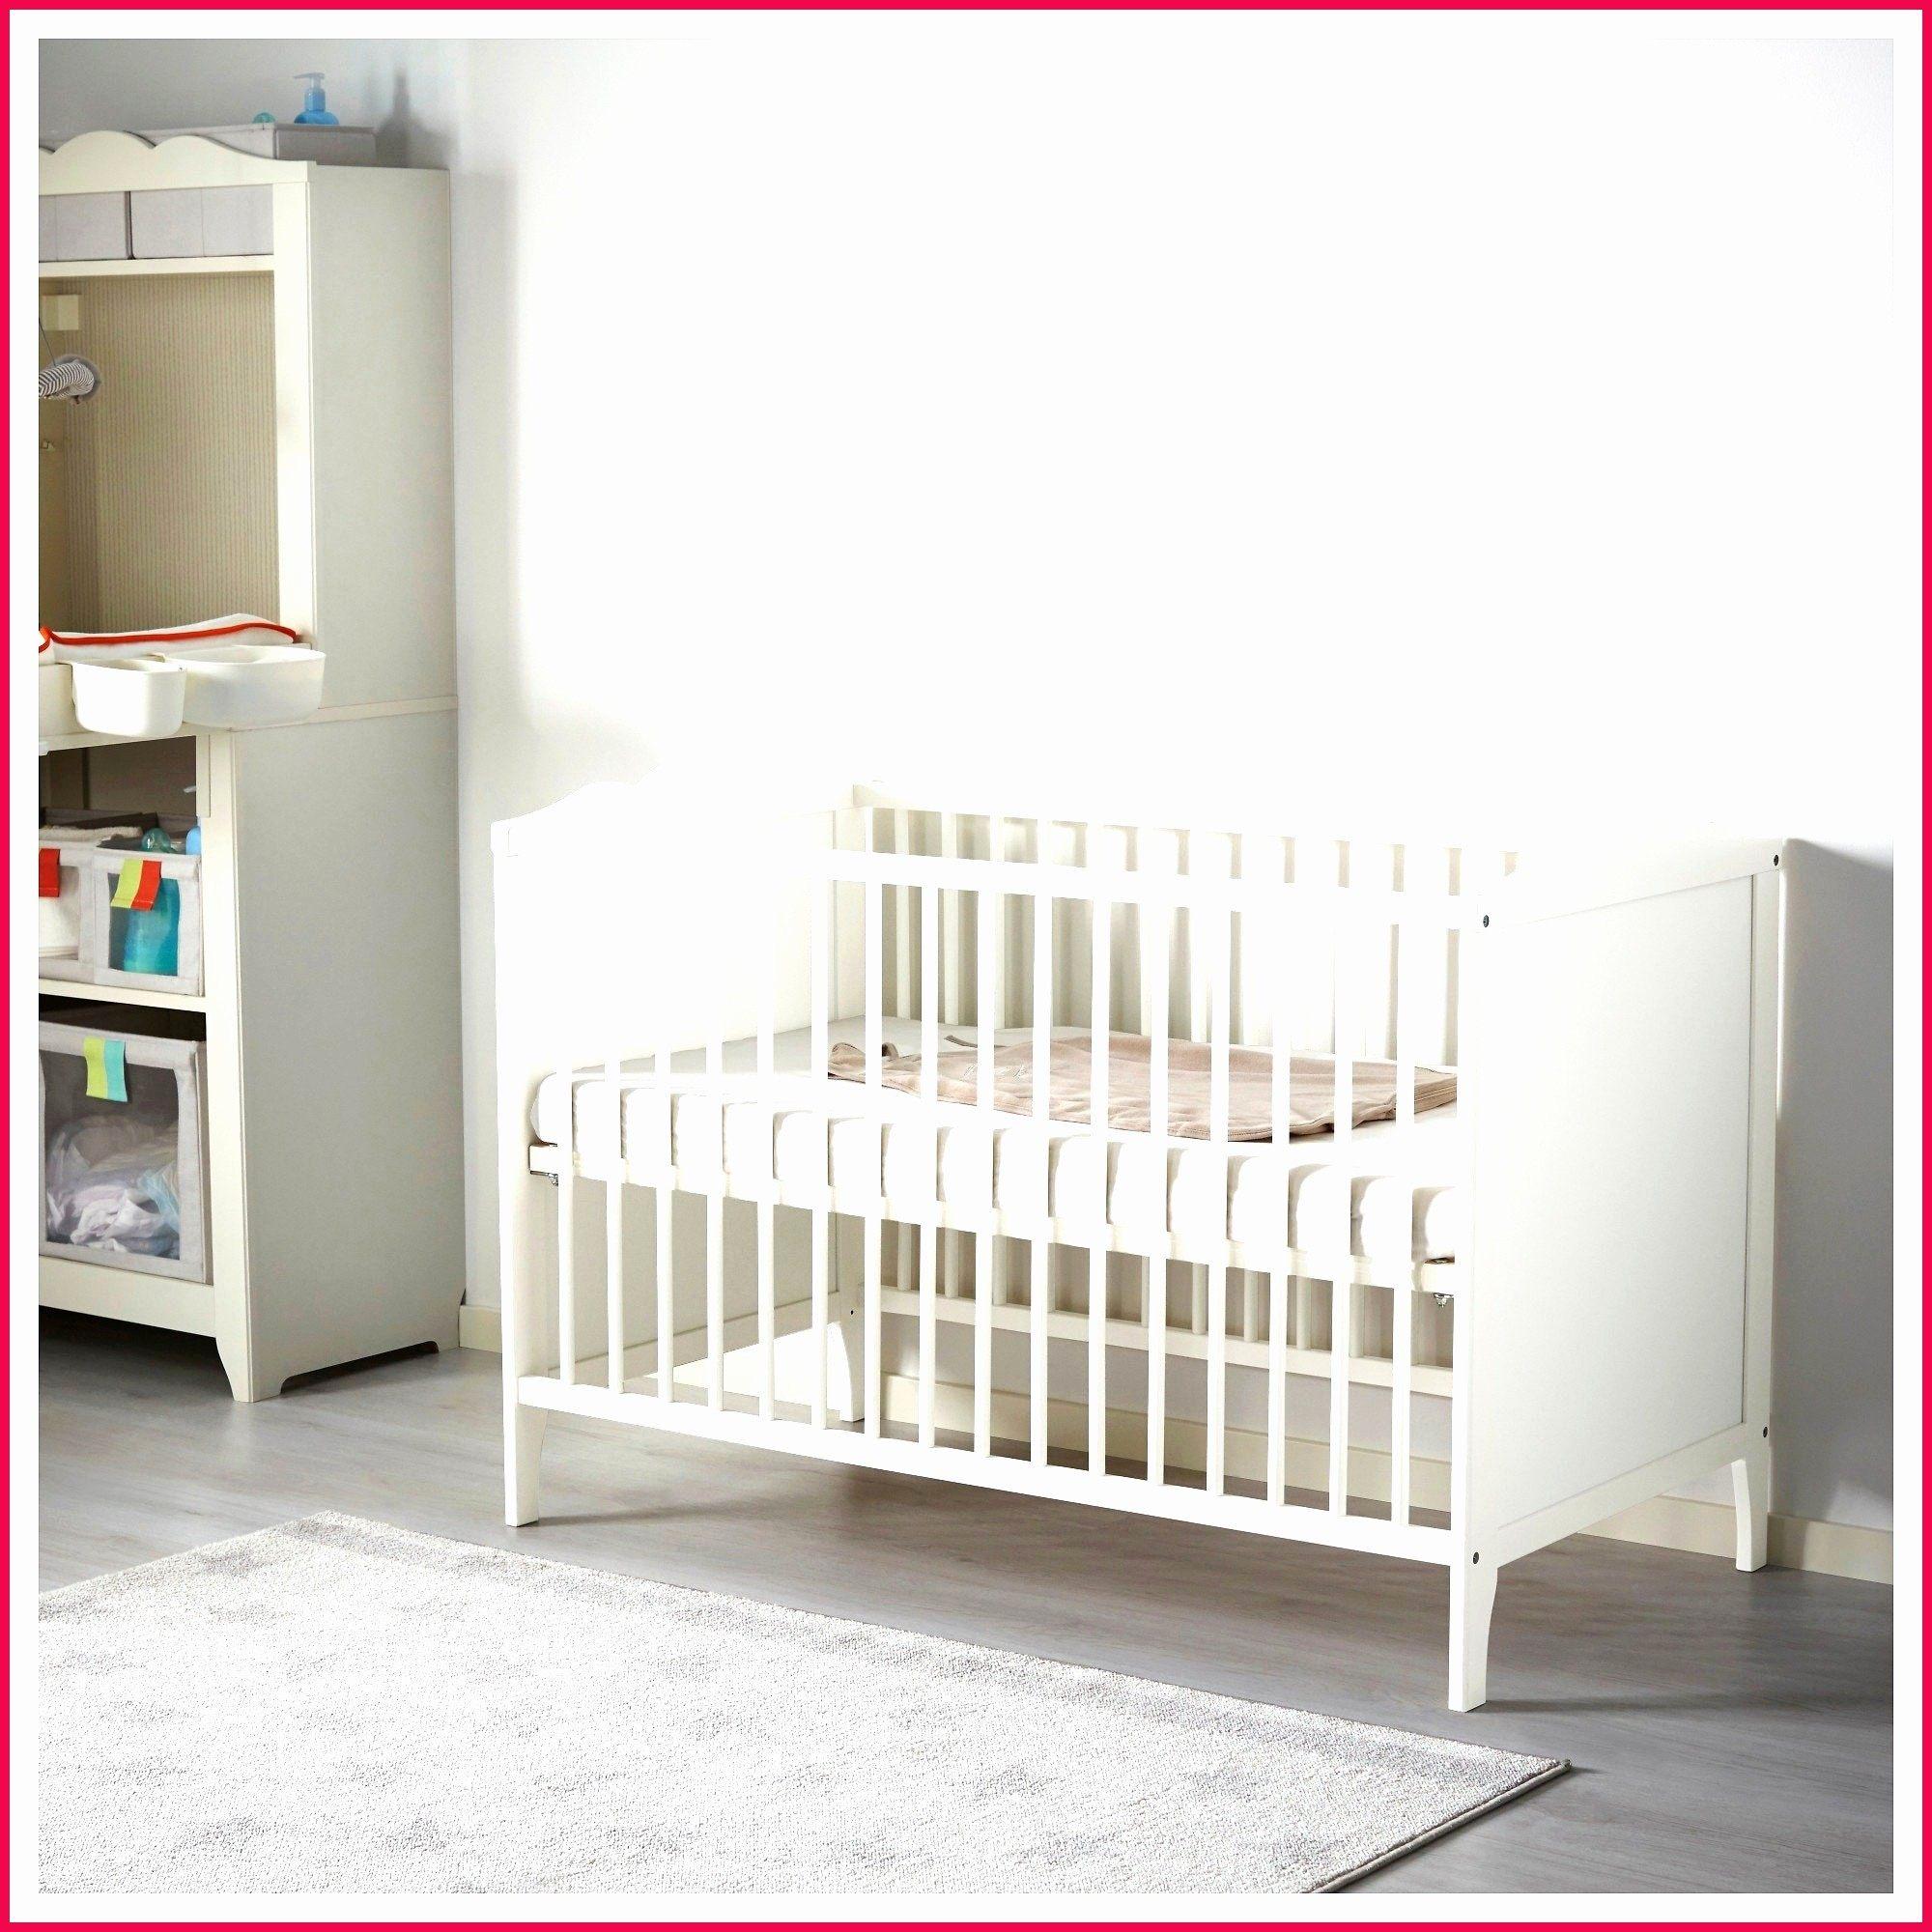 Lit Au sol Pour Bébé Magnifique Baignoire Pliante Bébé Beautiful Lit Bebe Luxe 36 Ikea Best De Avec